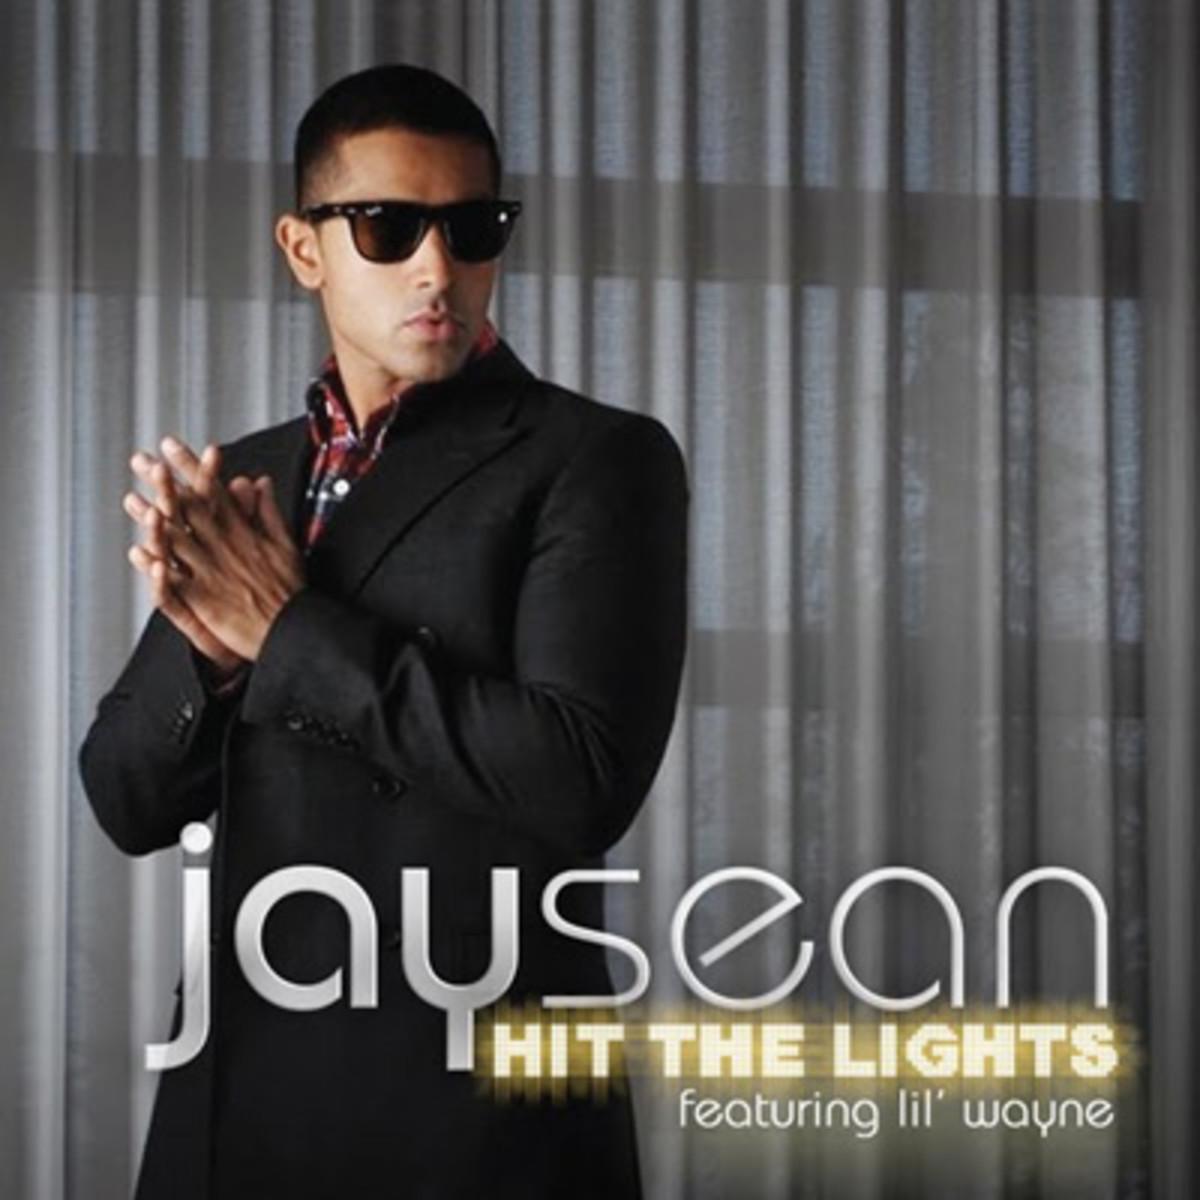 jaysean-hitthelights.jpg